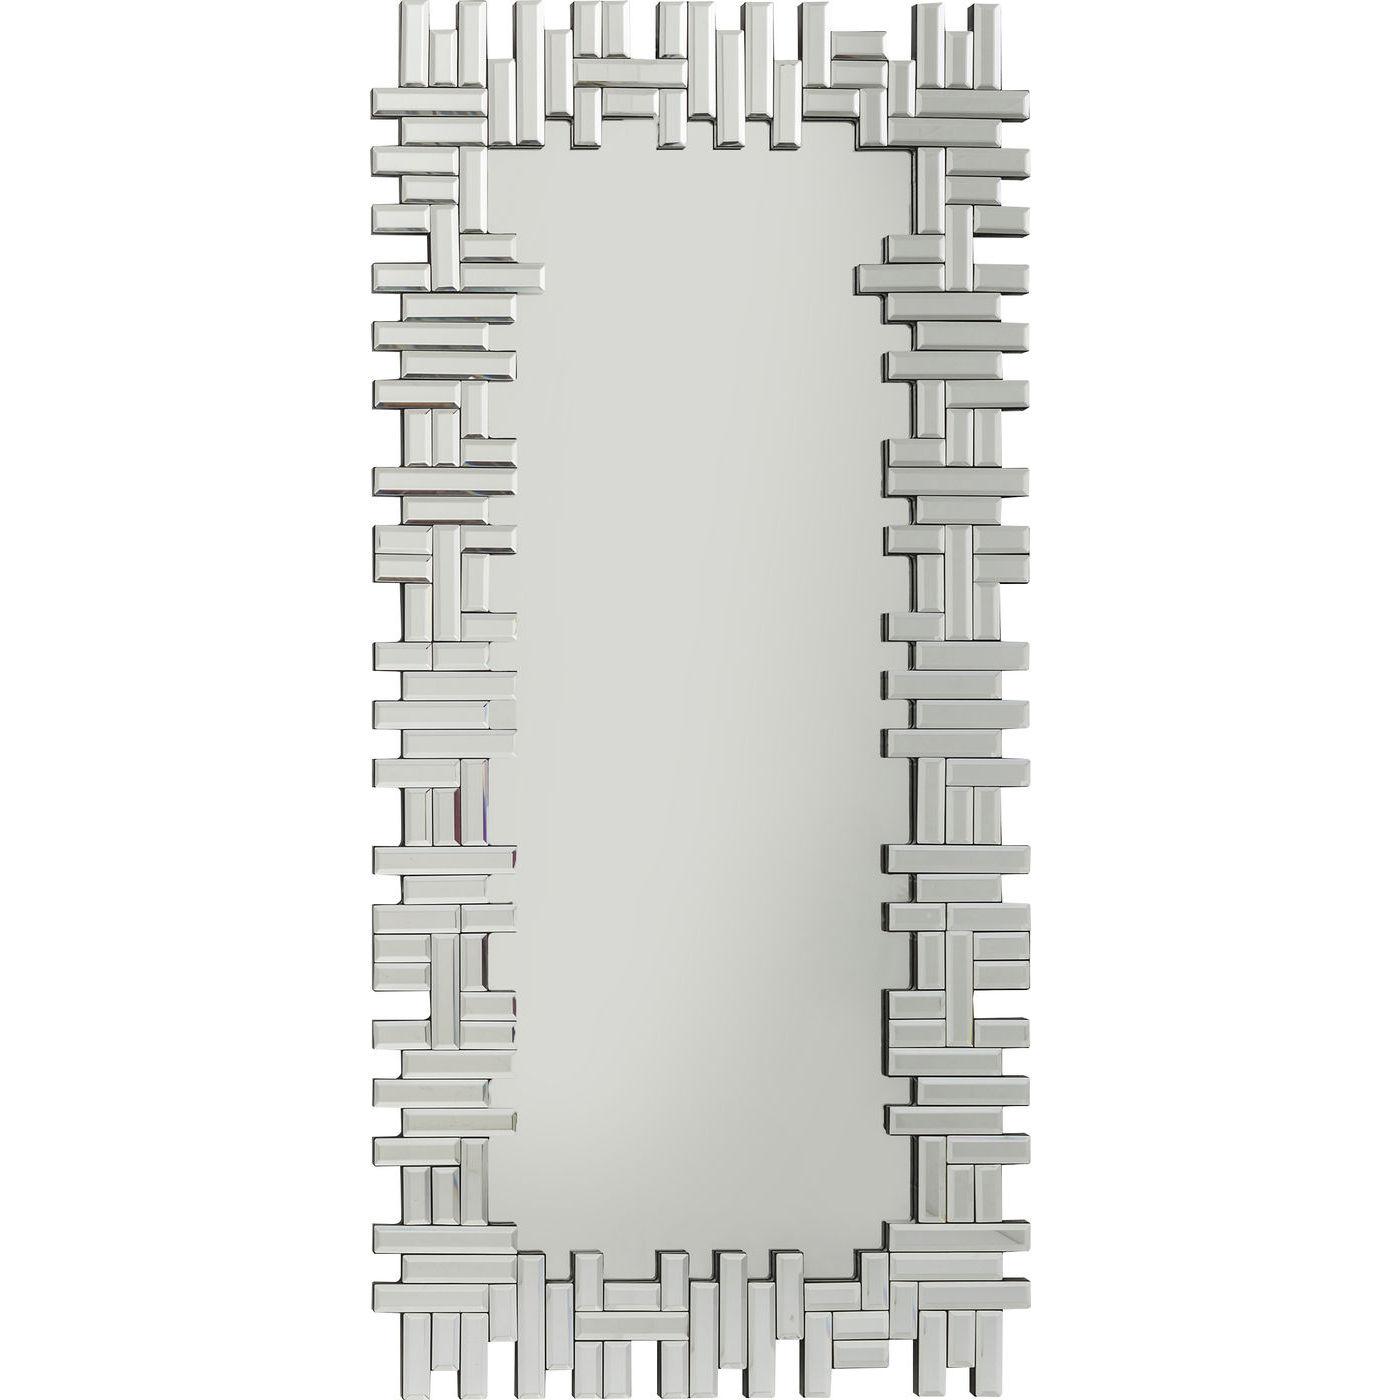 Billede af Kare Design Spejl, Puzzle Rectangular 120x58cm